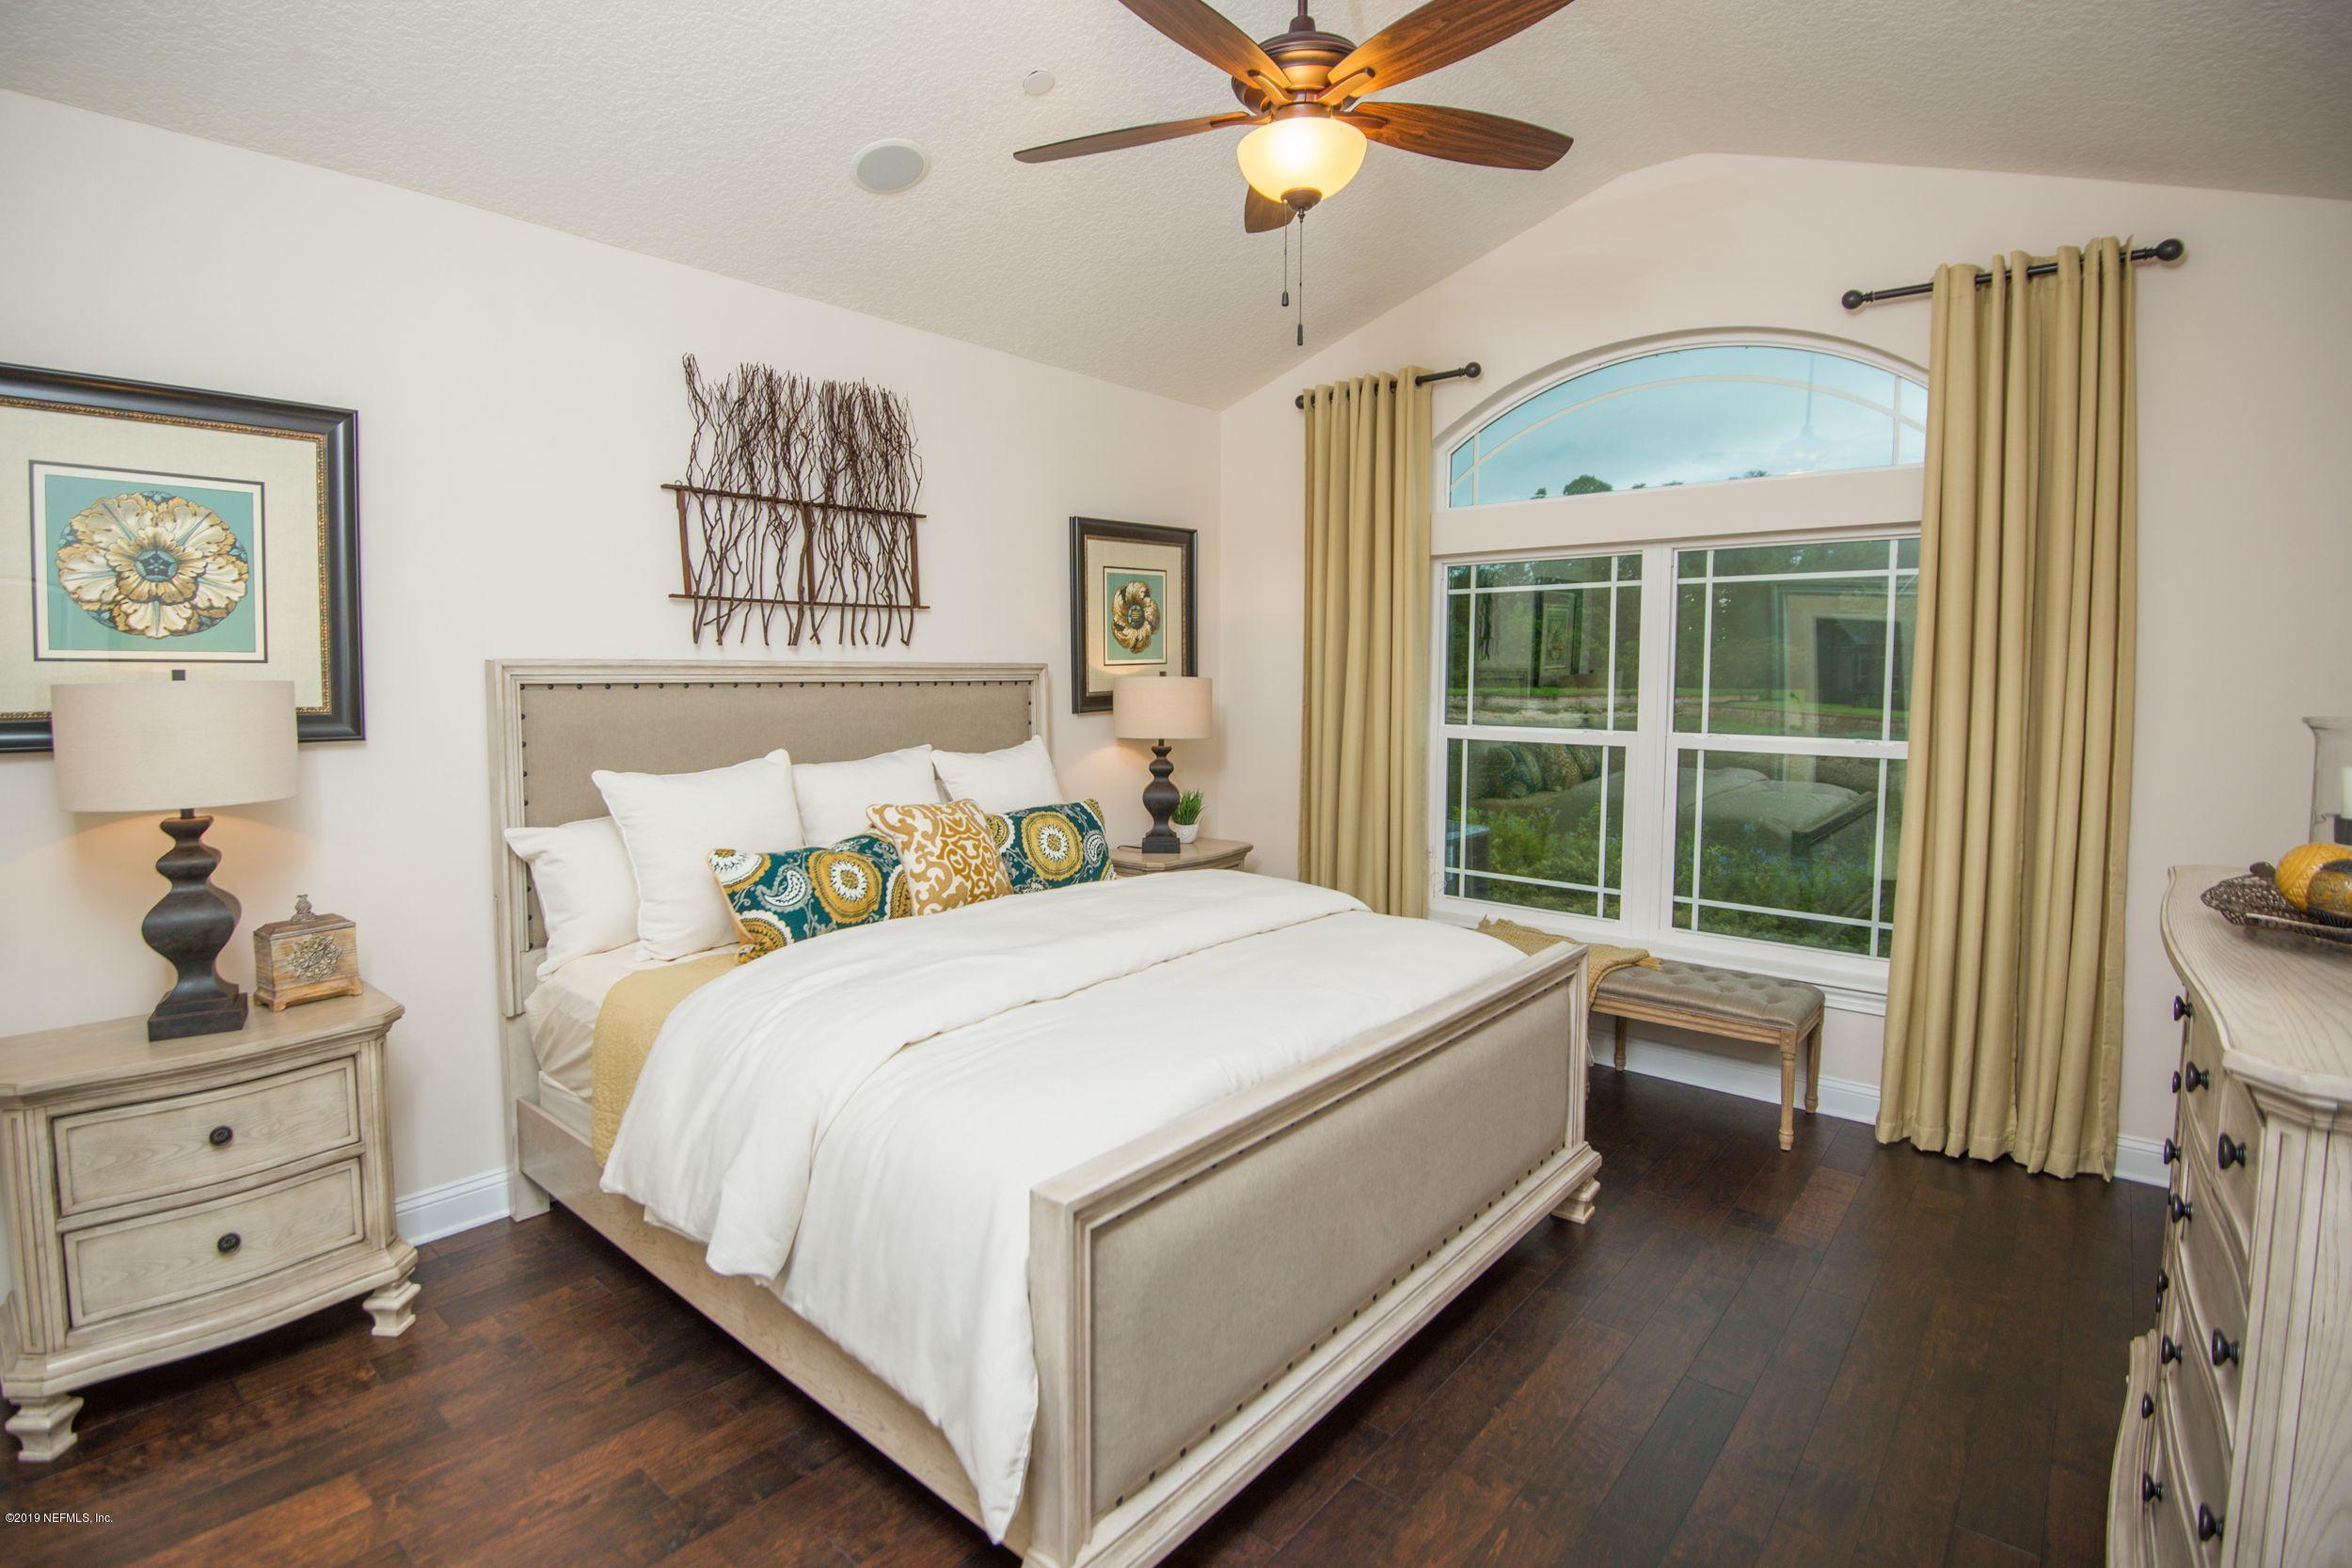 46 ANACAPA, ST AUGUSTINE, FLORIDA 32084, 2 Bedrooms Bedrooms, ,2 BathroomsBathrooms,Condo,For sale,ANACAPA,1016136